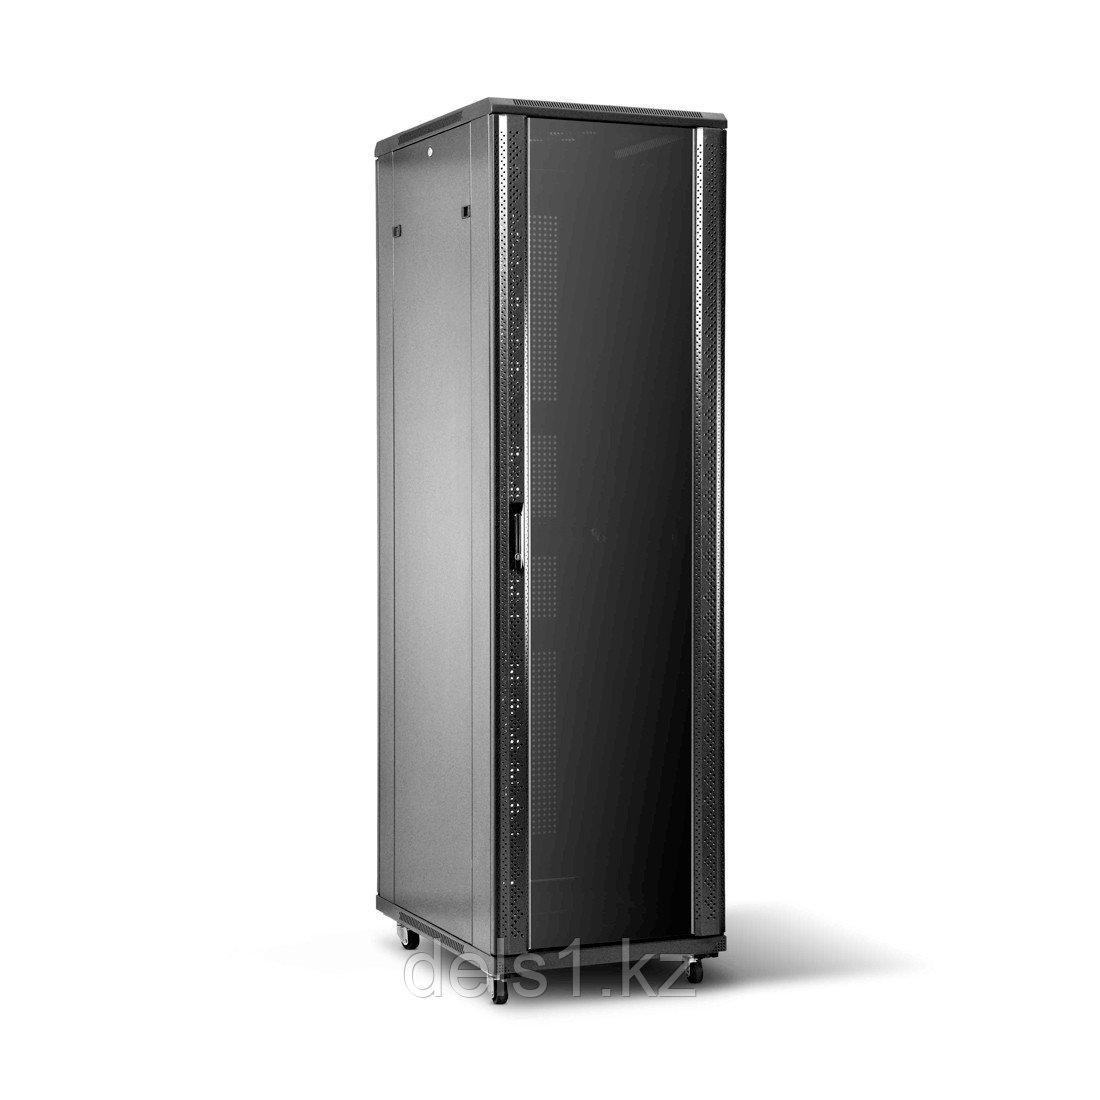 Шкаф серверный напольный SHIP 601S.6615.24.100 15U 600*600*800 мм